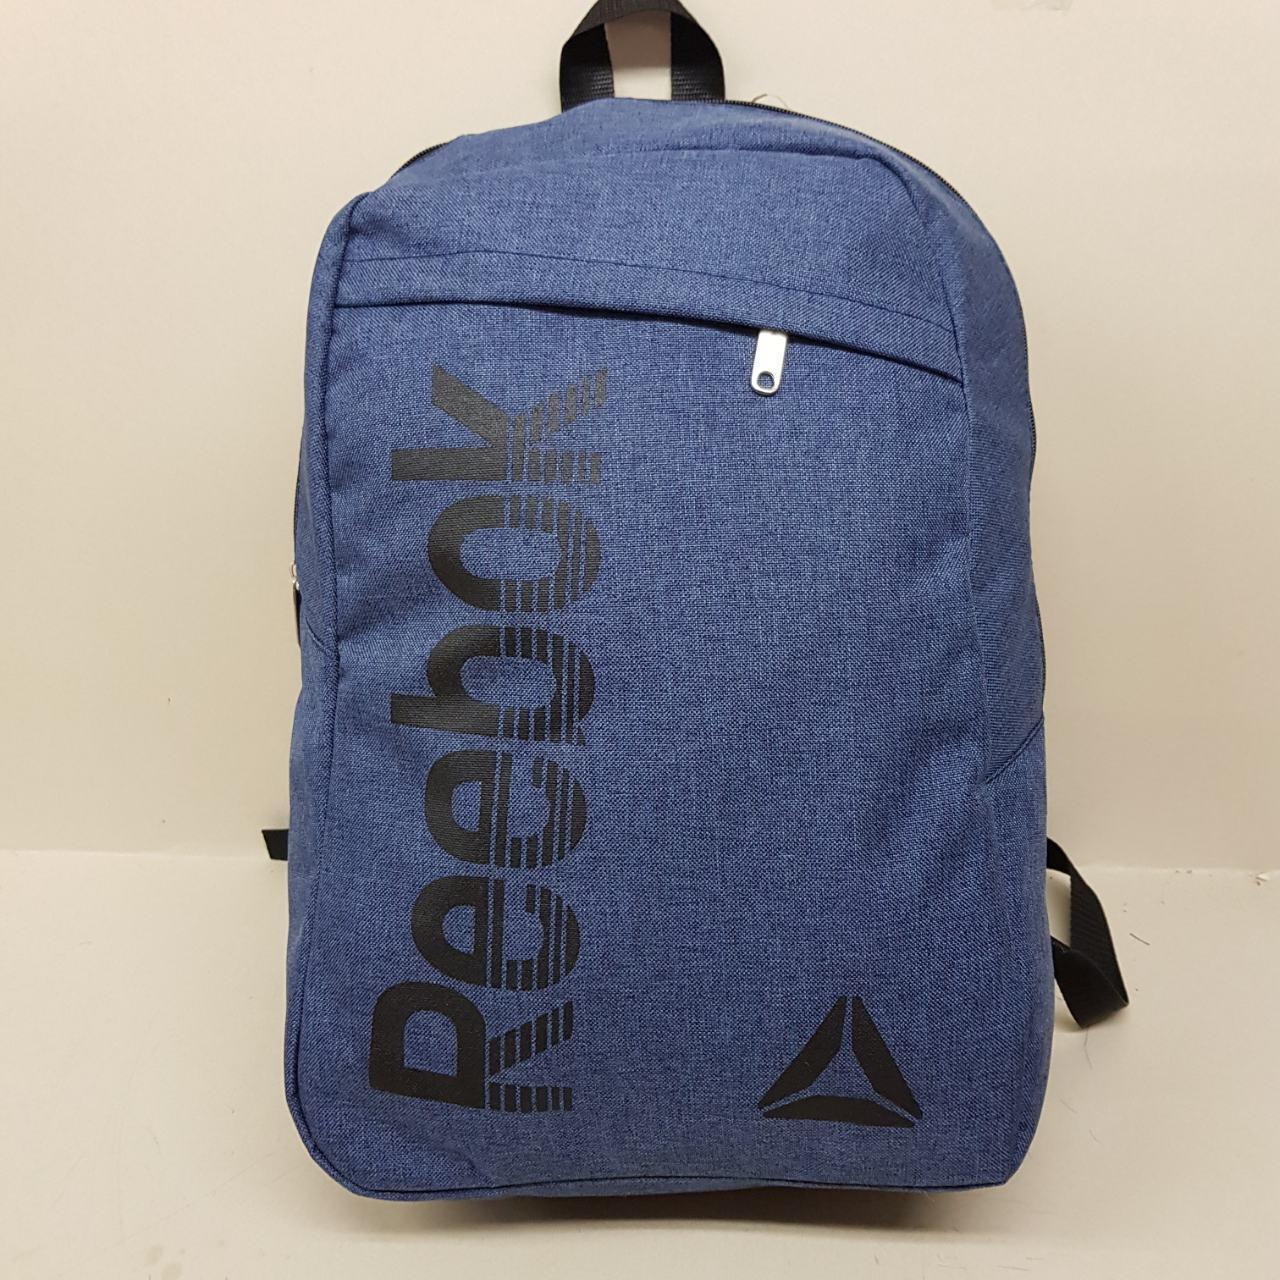 5d24112864fe Рюкзак большой, МЕЛАНЖ, рюкзаки спортивные оптом, школьные рюкзаки оптом, рюкзак  опт,сумки оптом,реплика